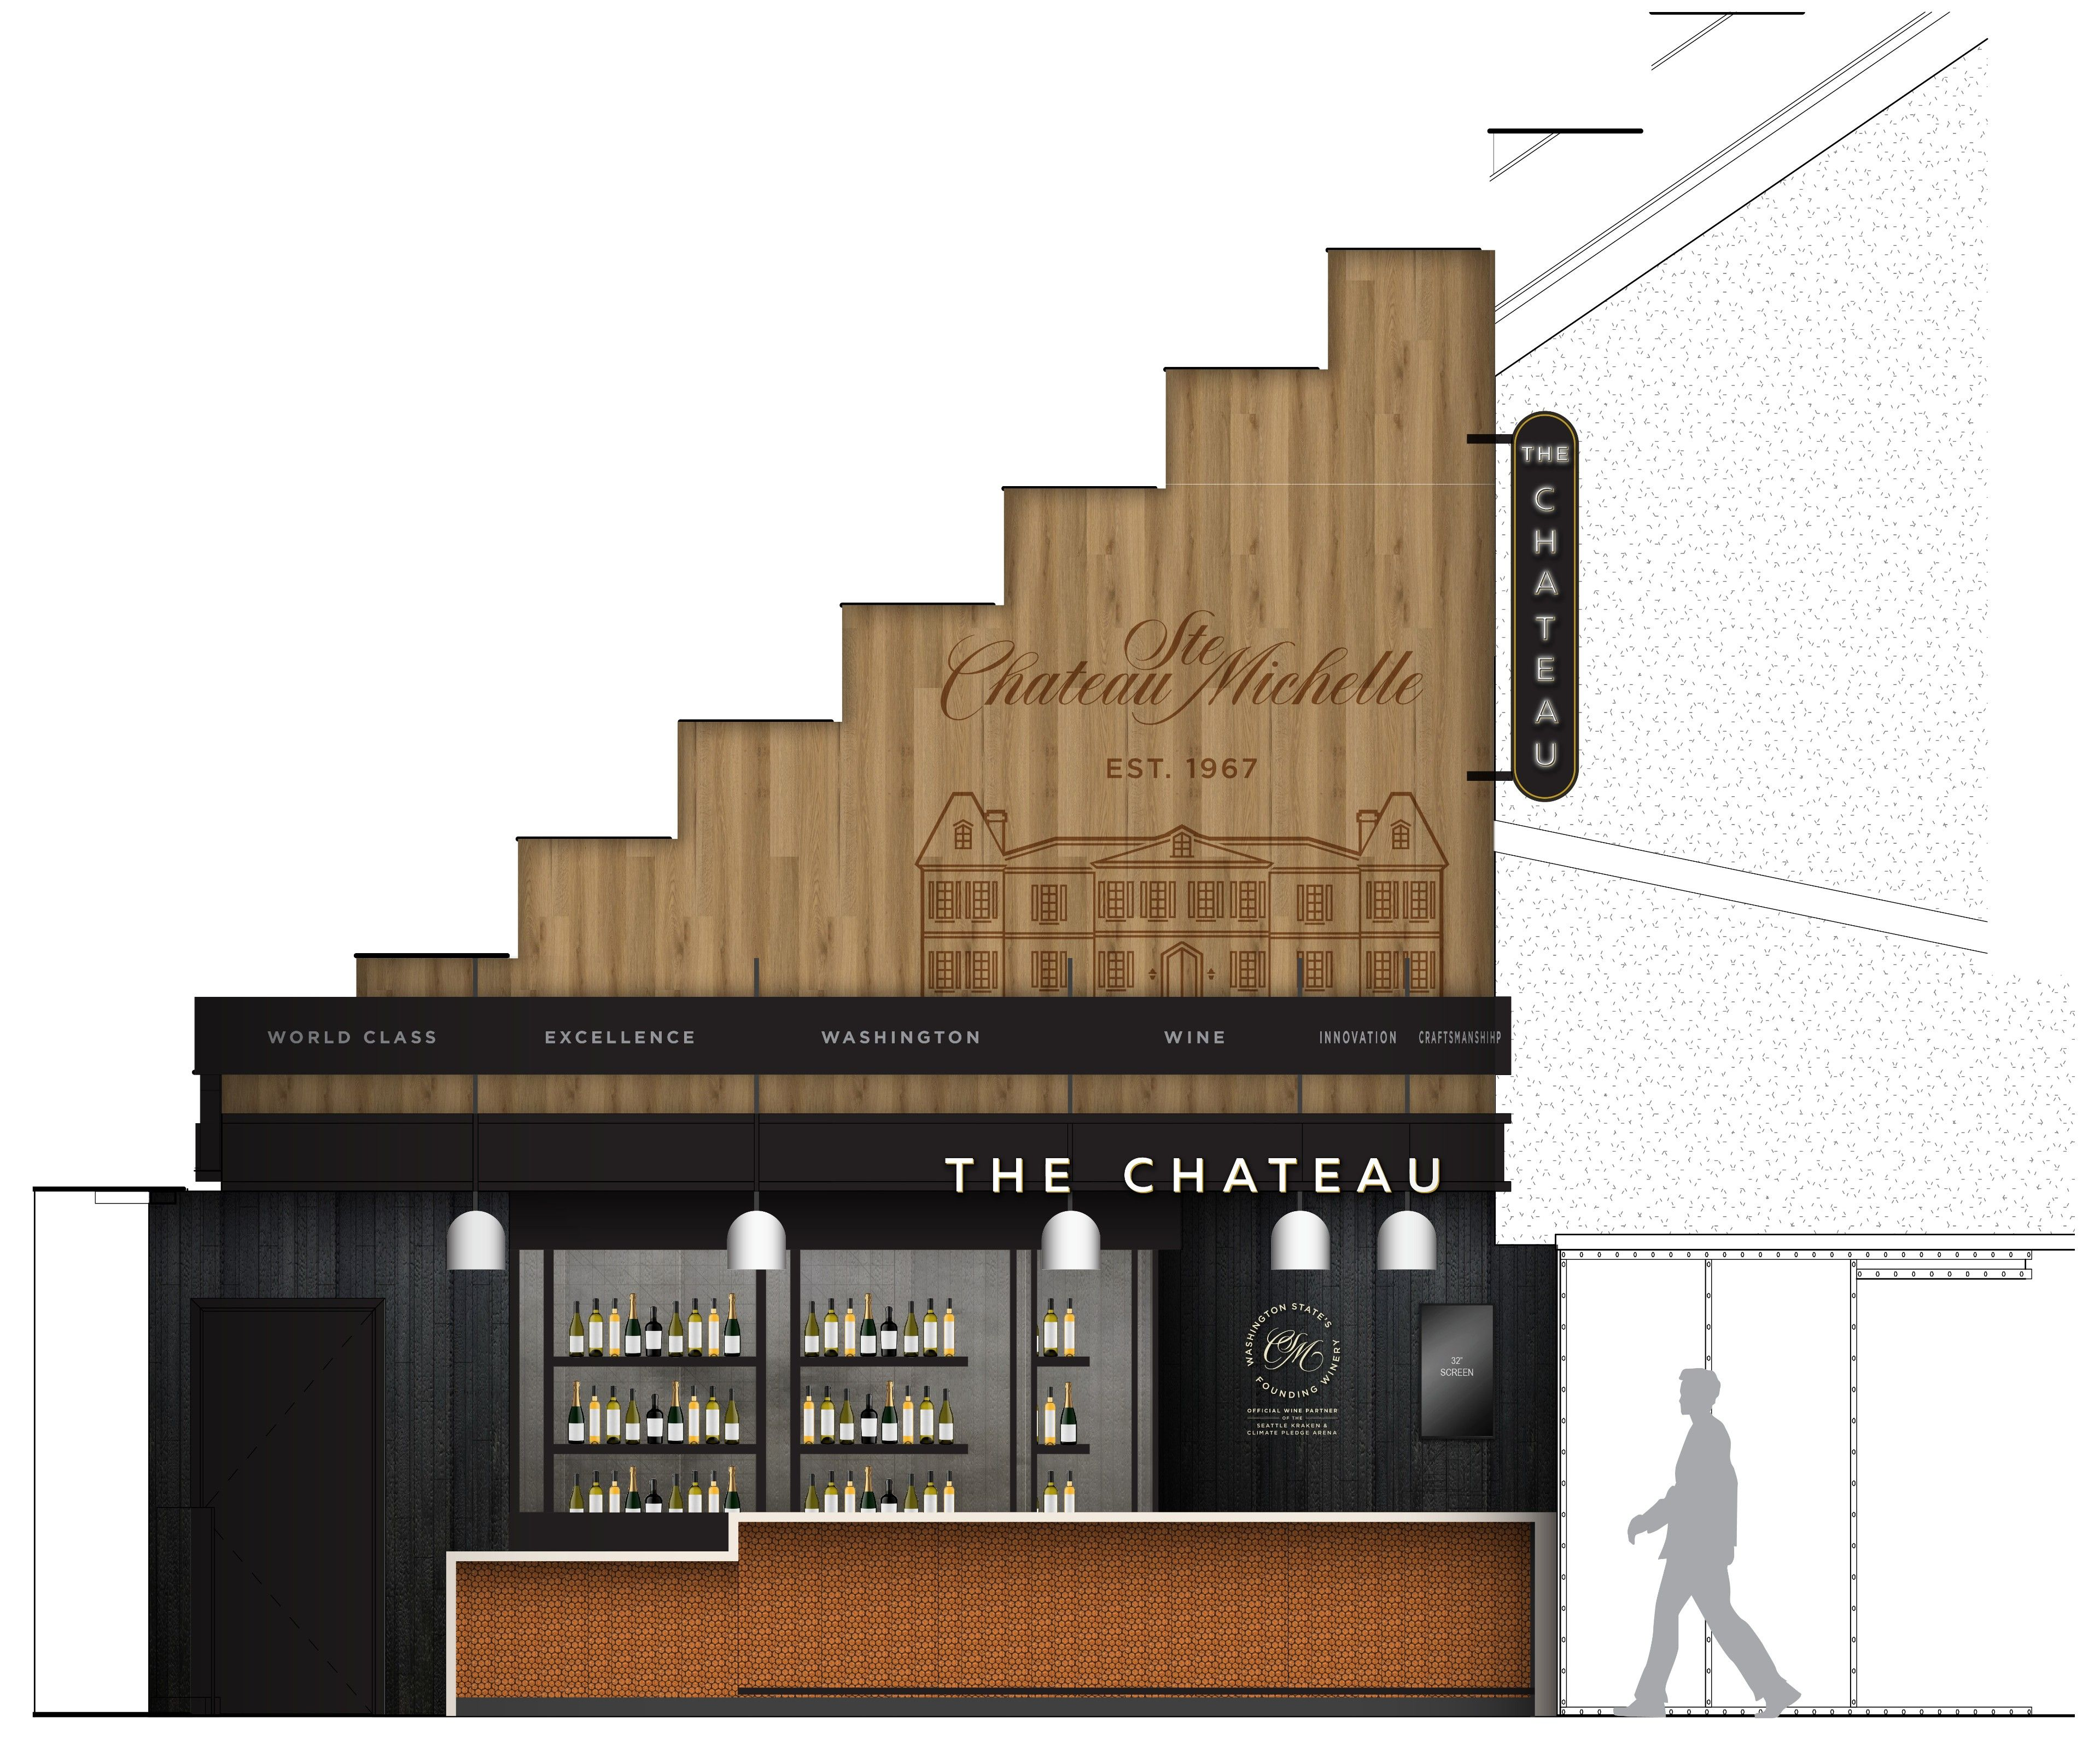 Chateau酒吧的电脑效果图,它将位于气候承诺场馆的贝克山大厅,有木制屋顶和黑色的墙壁